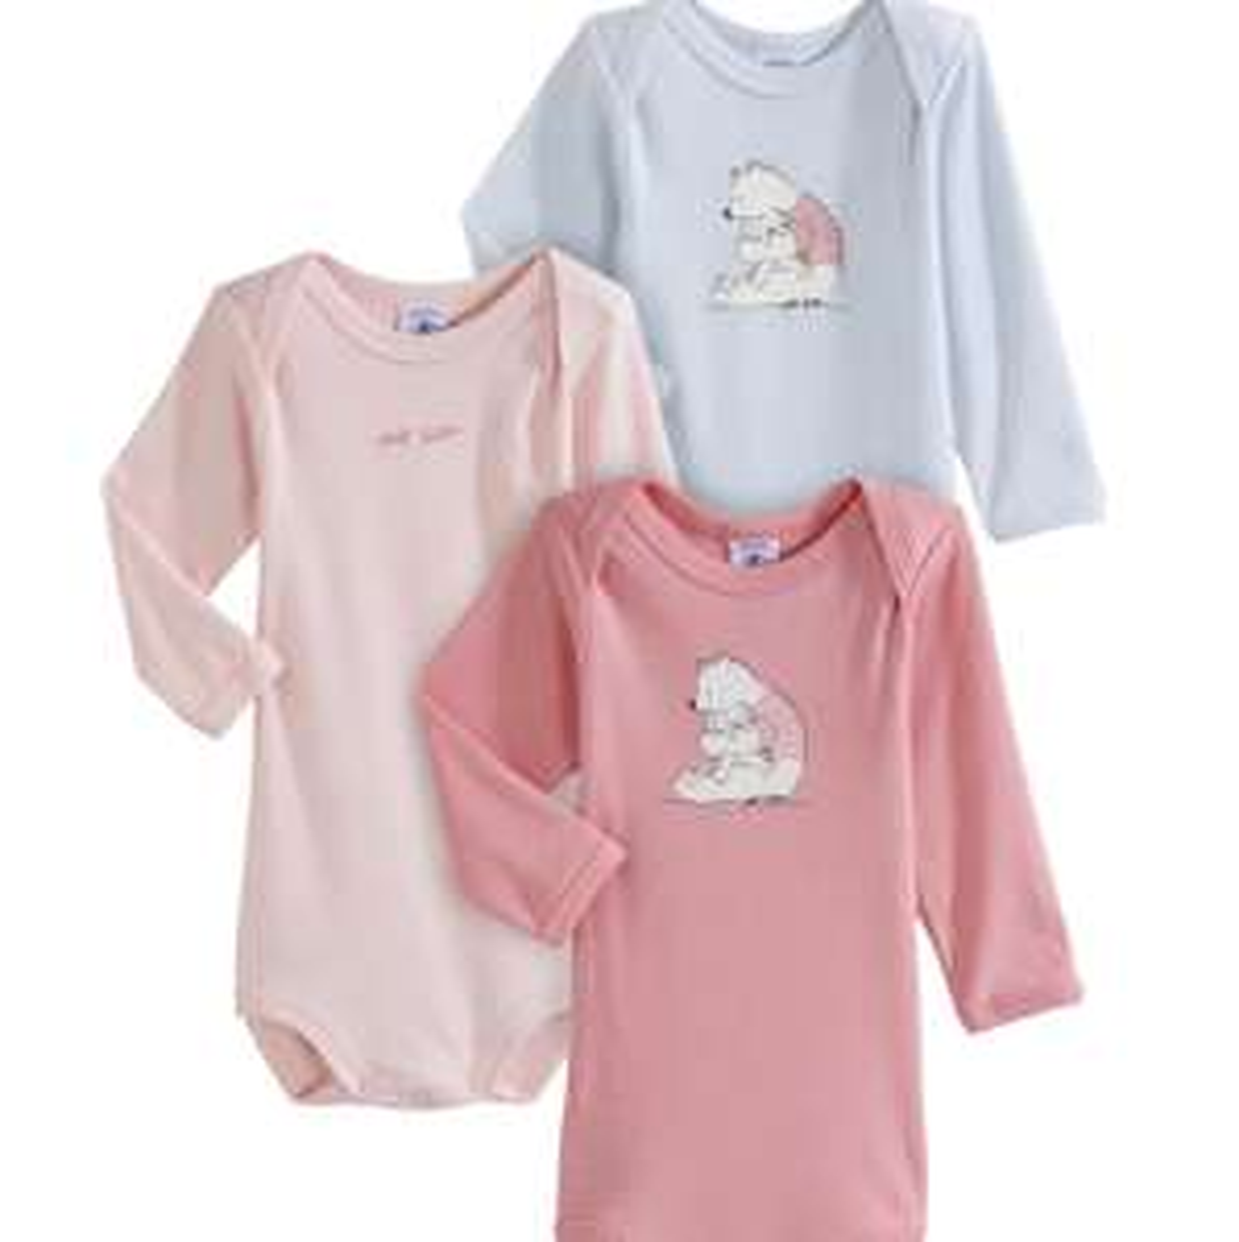 Lot de 3 Bodys Petit Bateau pour Enfants (Filles) - Tailles : 3 ou 12 Mois